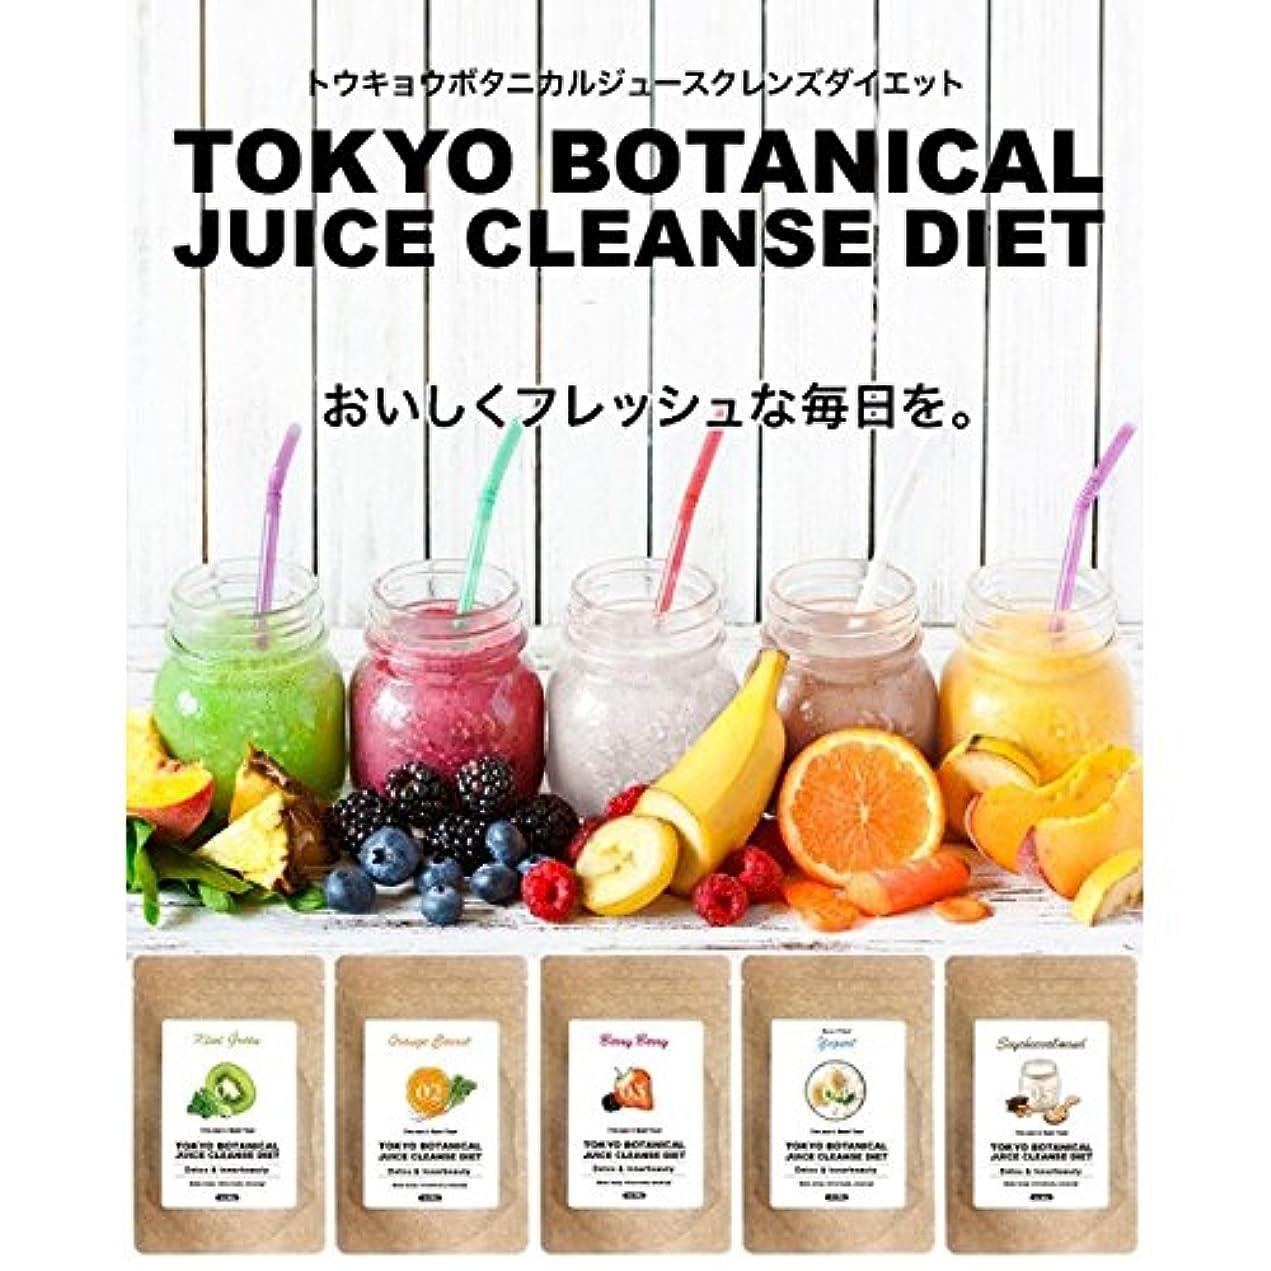 リード算術トチの実の木東京ボタニカルジュースクレンズダイエット  ベリーベリー&オレンジキャロットセット